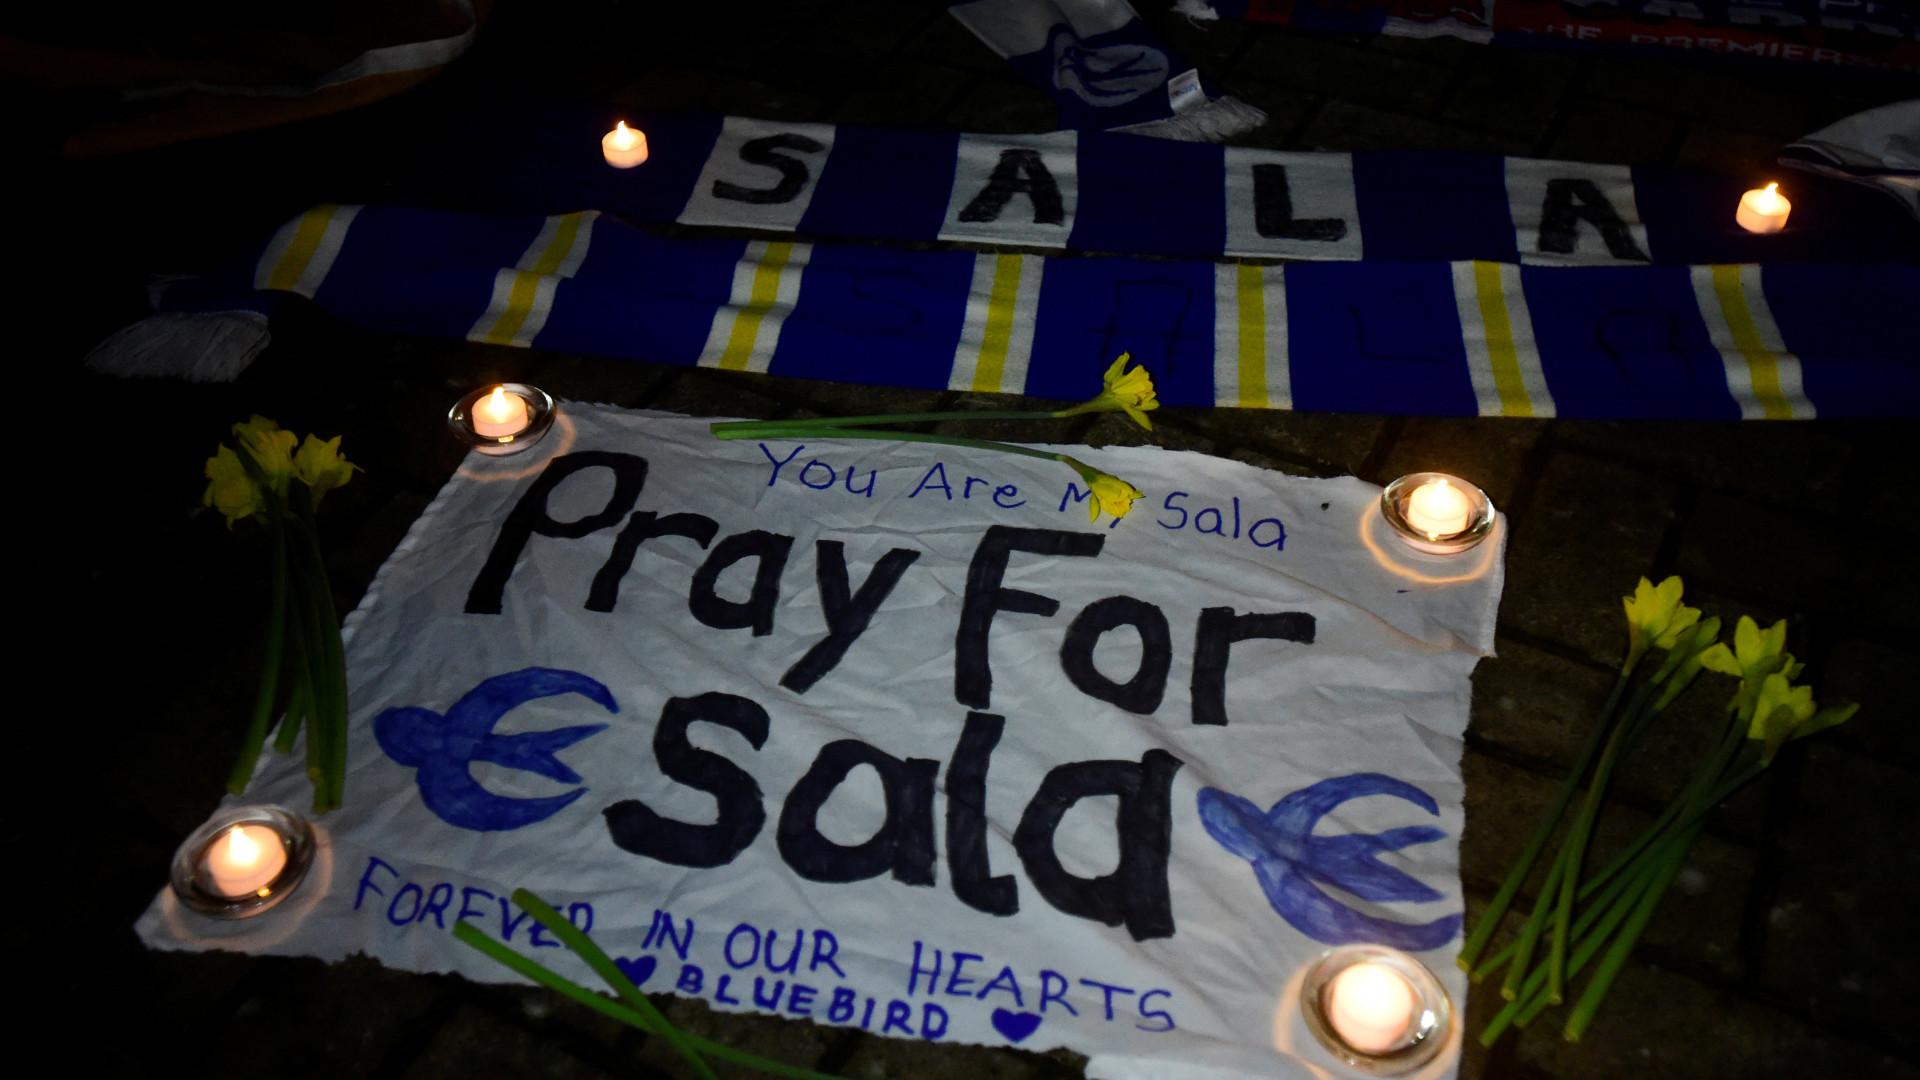 Encontrados destroços da avioneta onde seguia Emiliano Sala